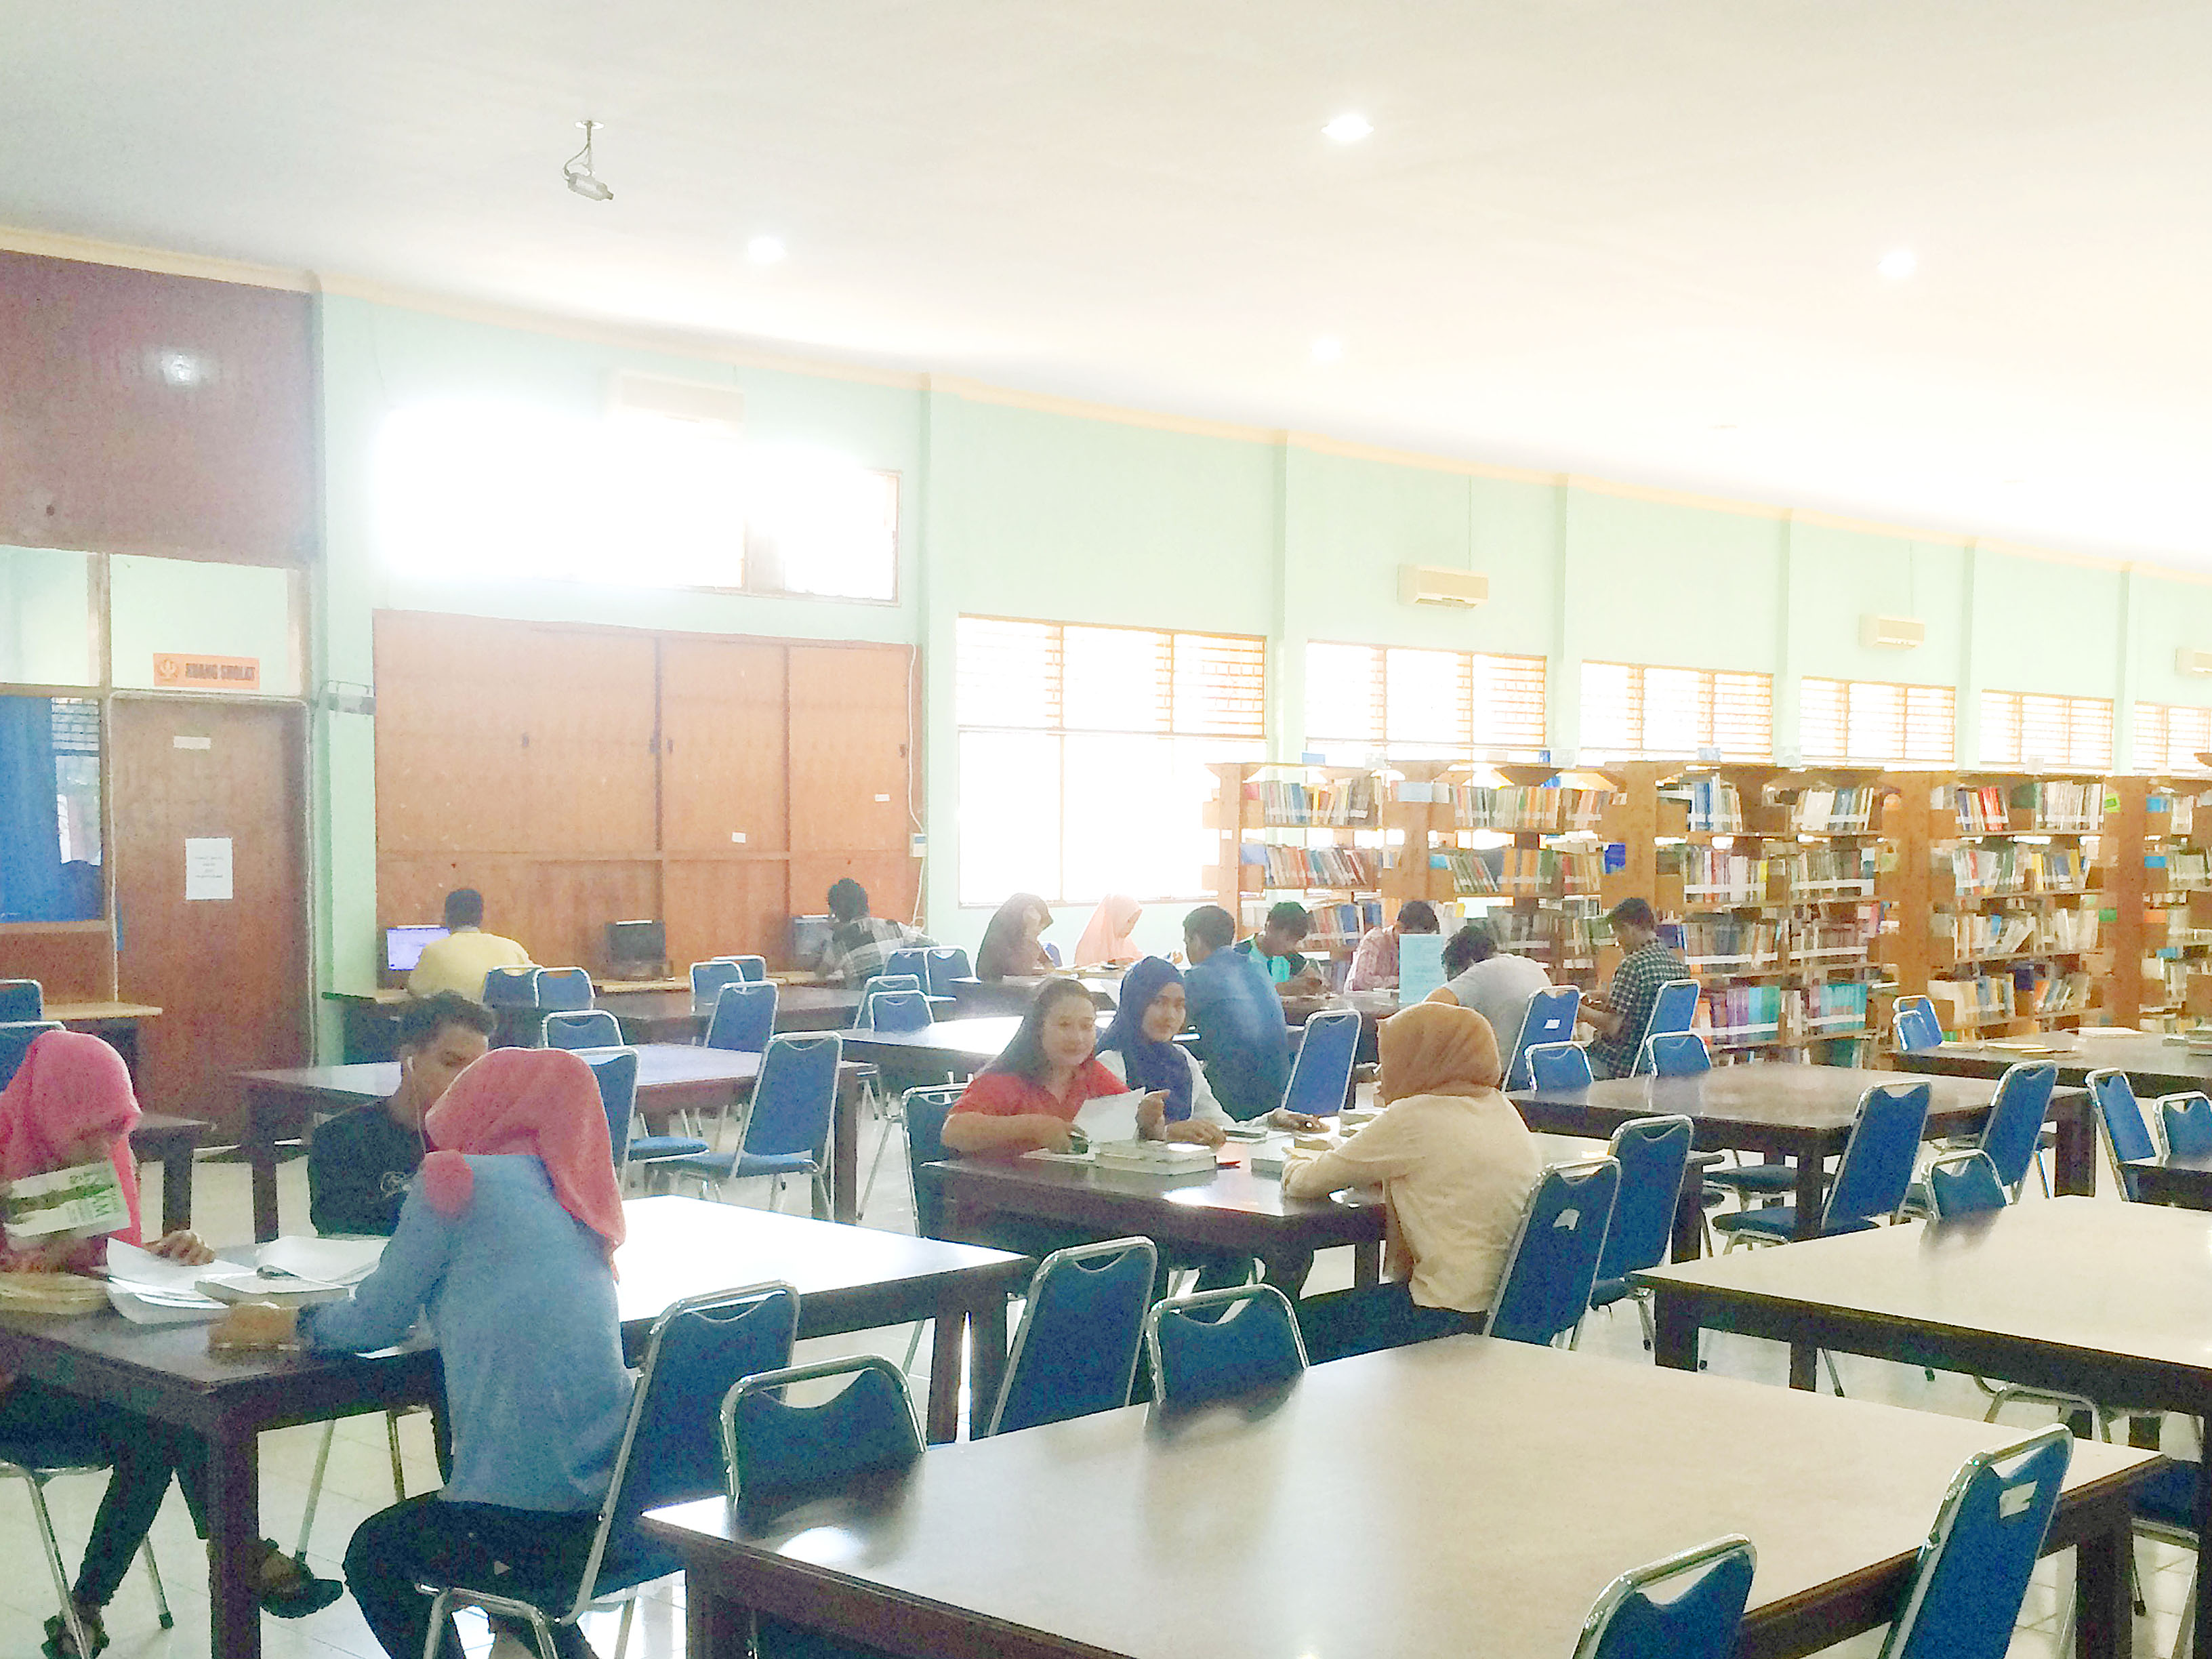 Libur Mahasiswa, Perpustakaan Universitas Tadulako Masih Ramai Pengunjung